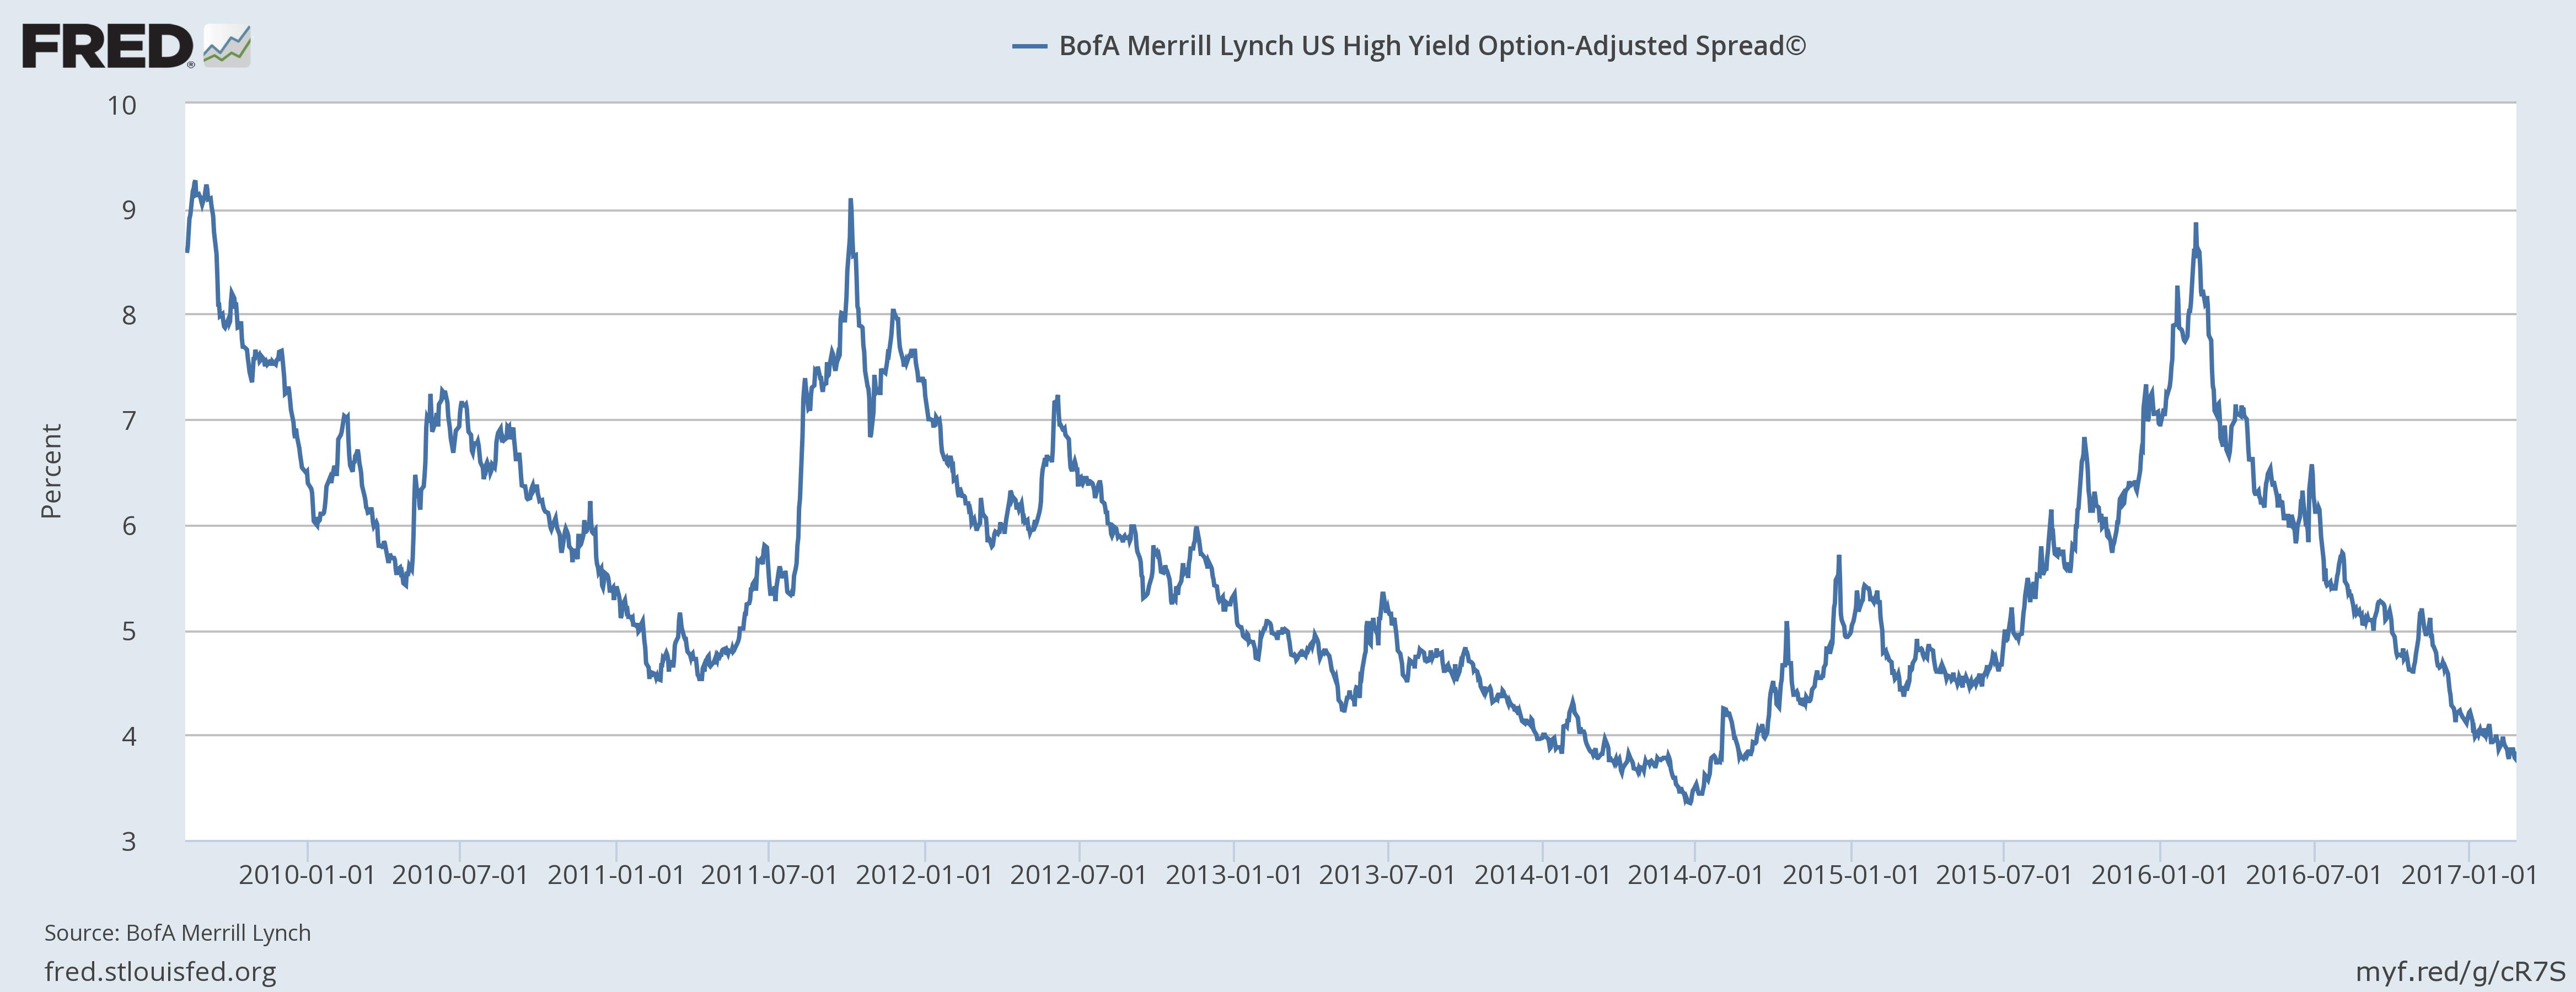 BofA Merrill Lynch US High Yield Option-Adjusted Spread 2010-2017